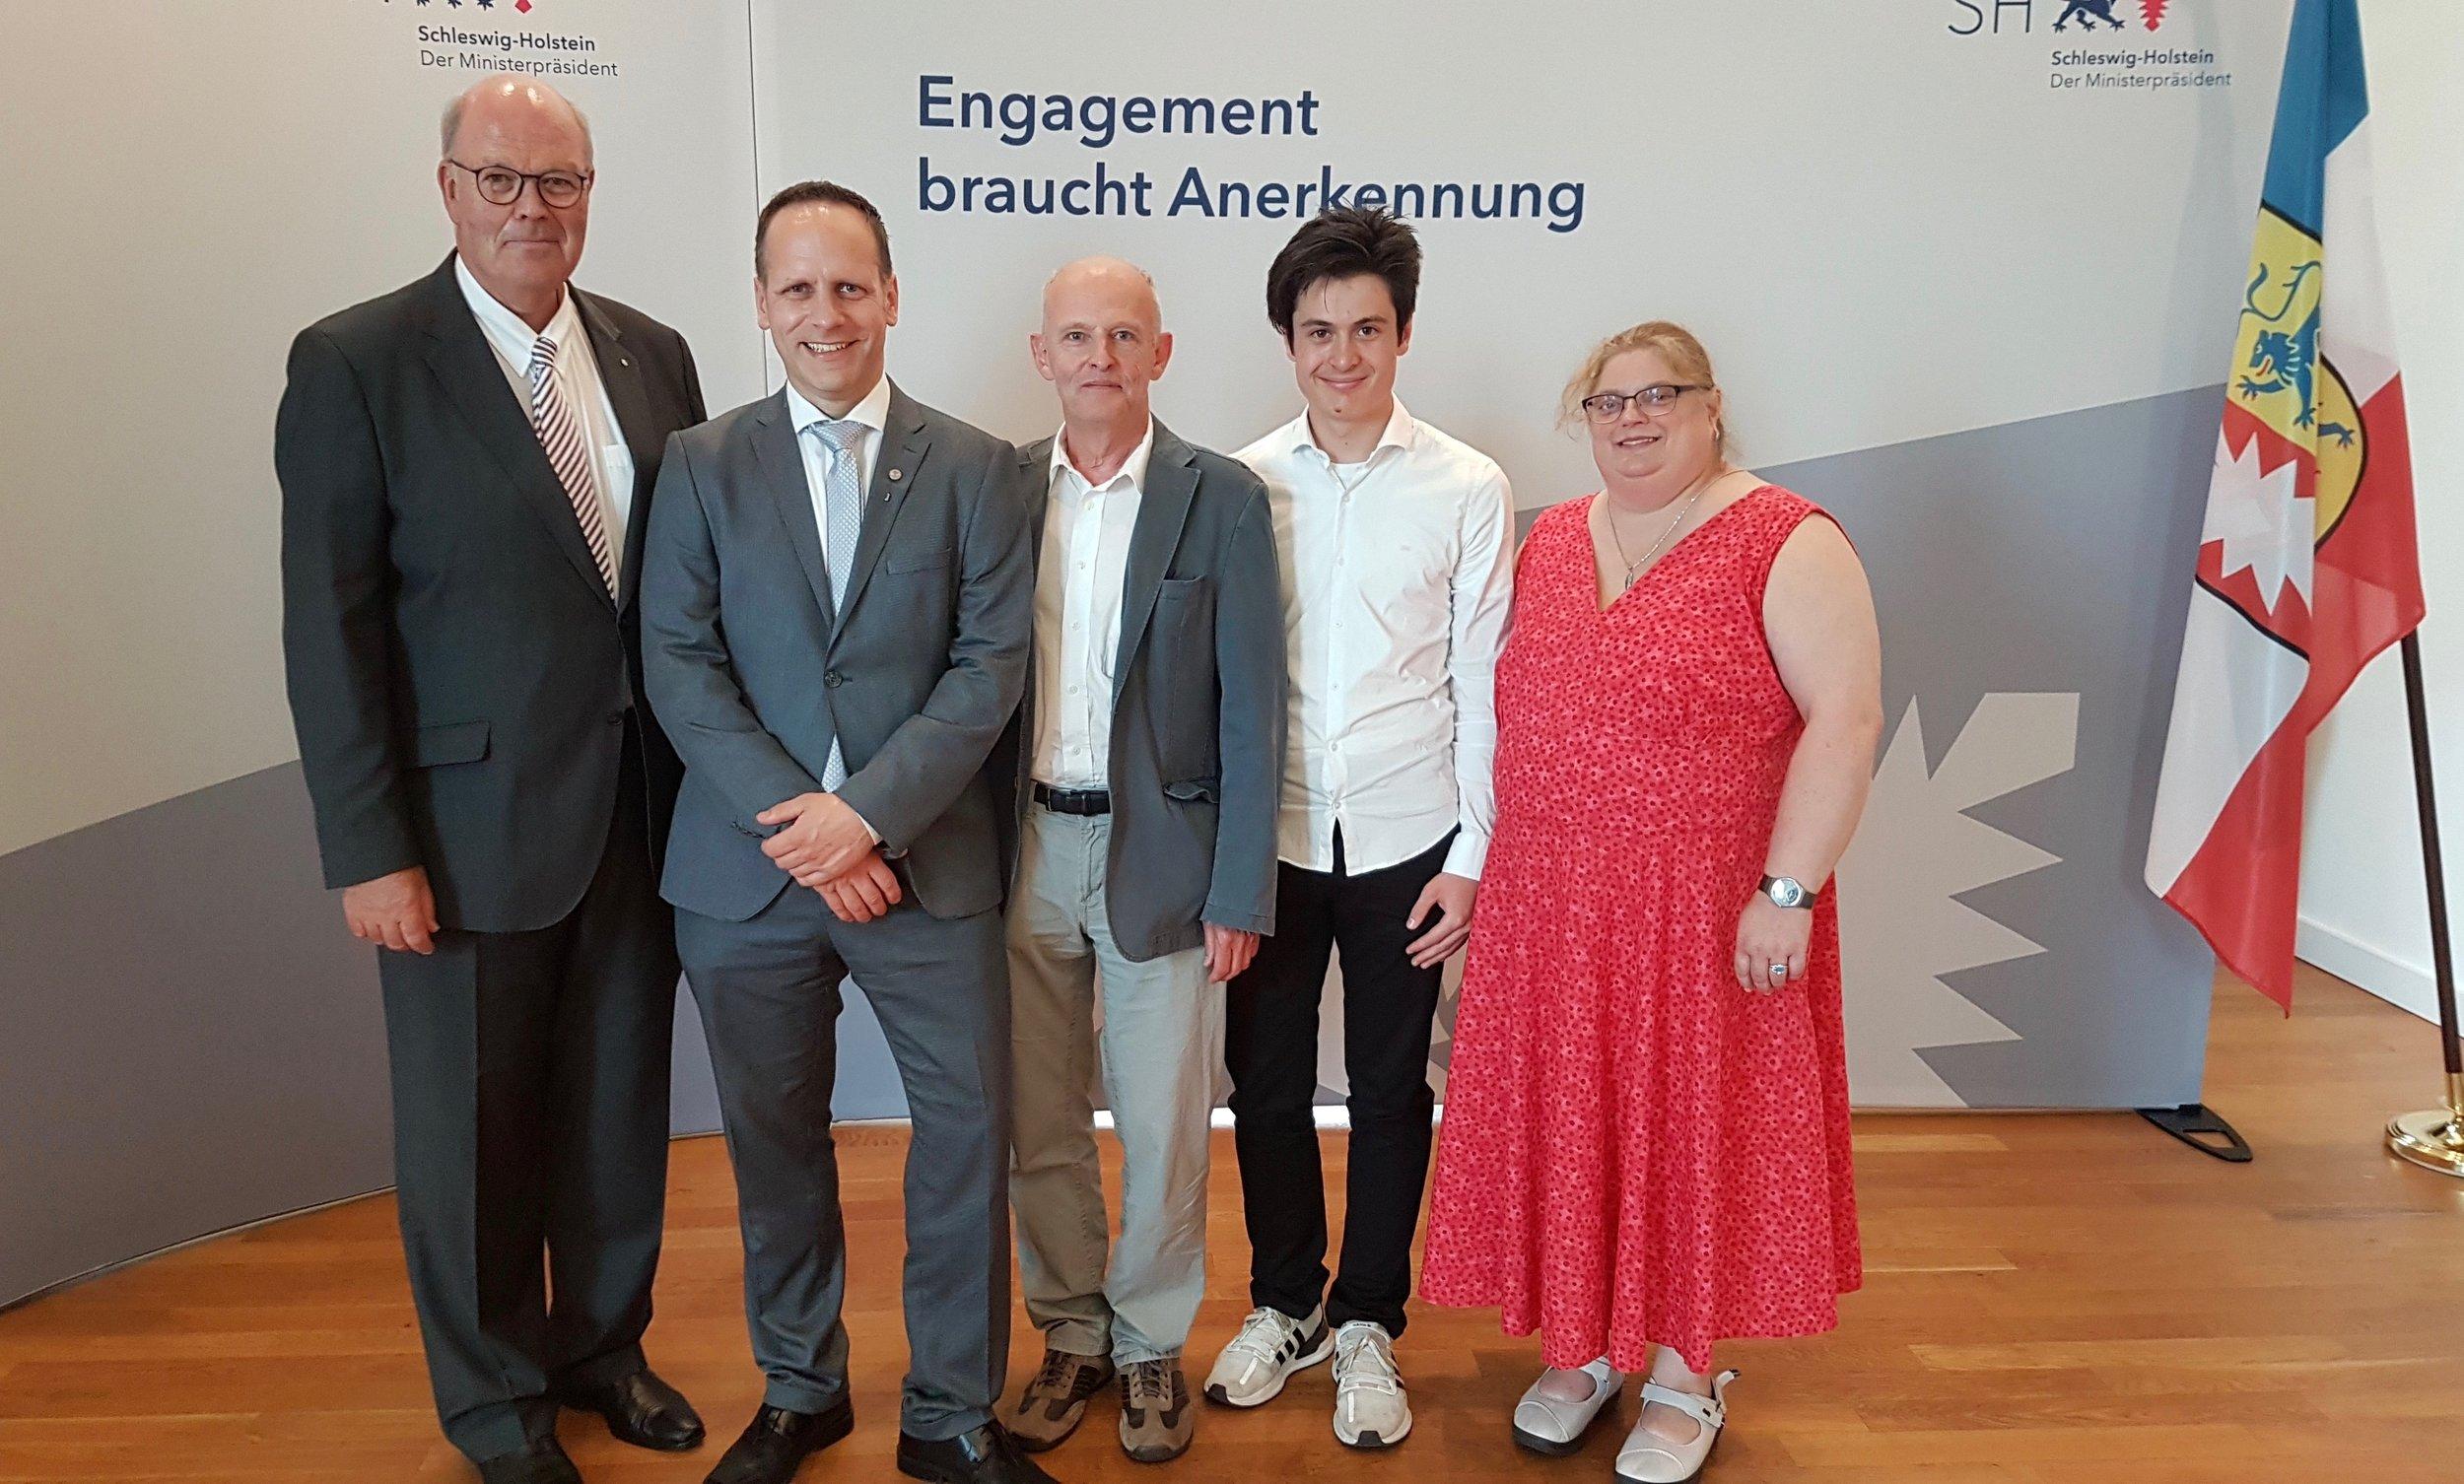 Sven mit dem Innenminister und den Dojo-Vertretern Petra, Khudos und Wolfgang